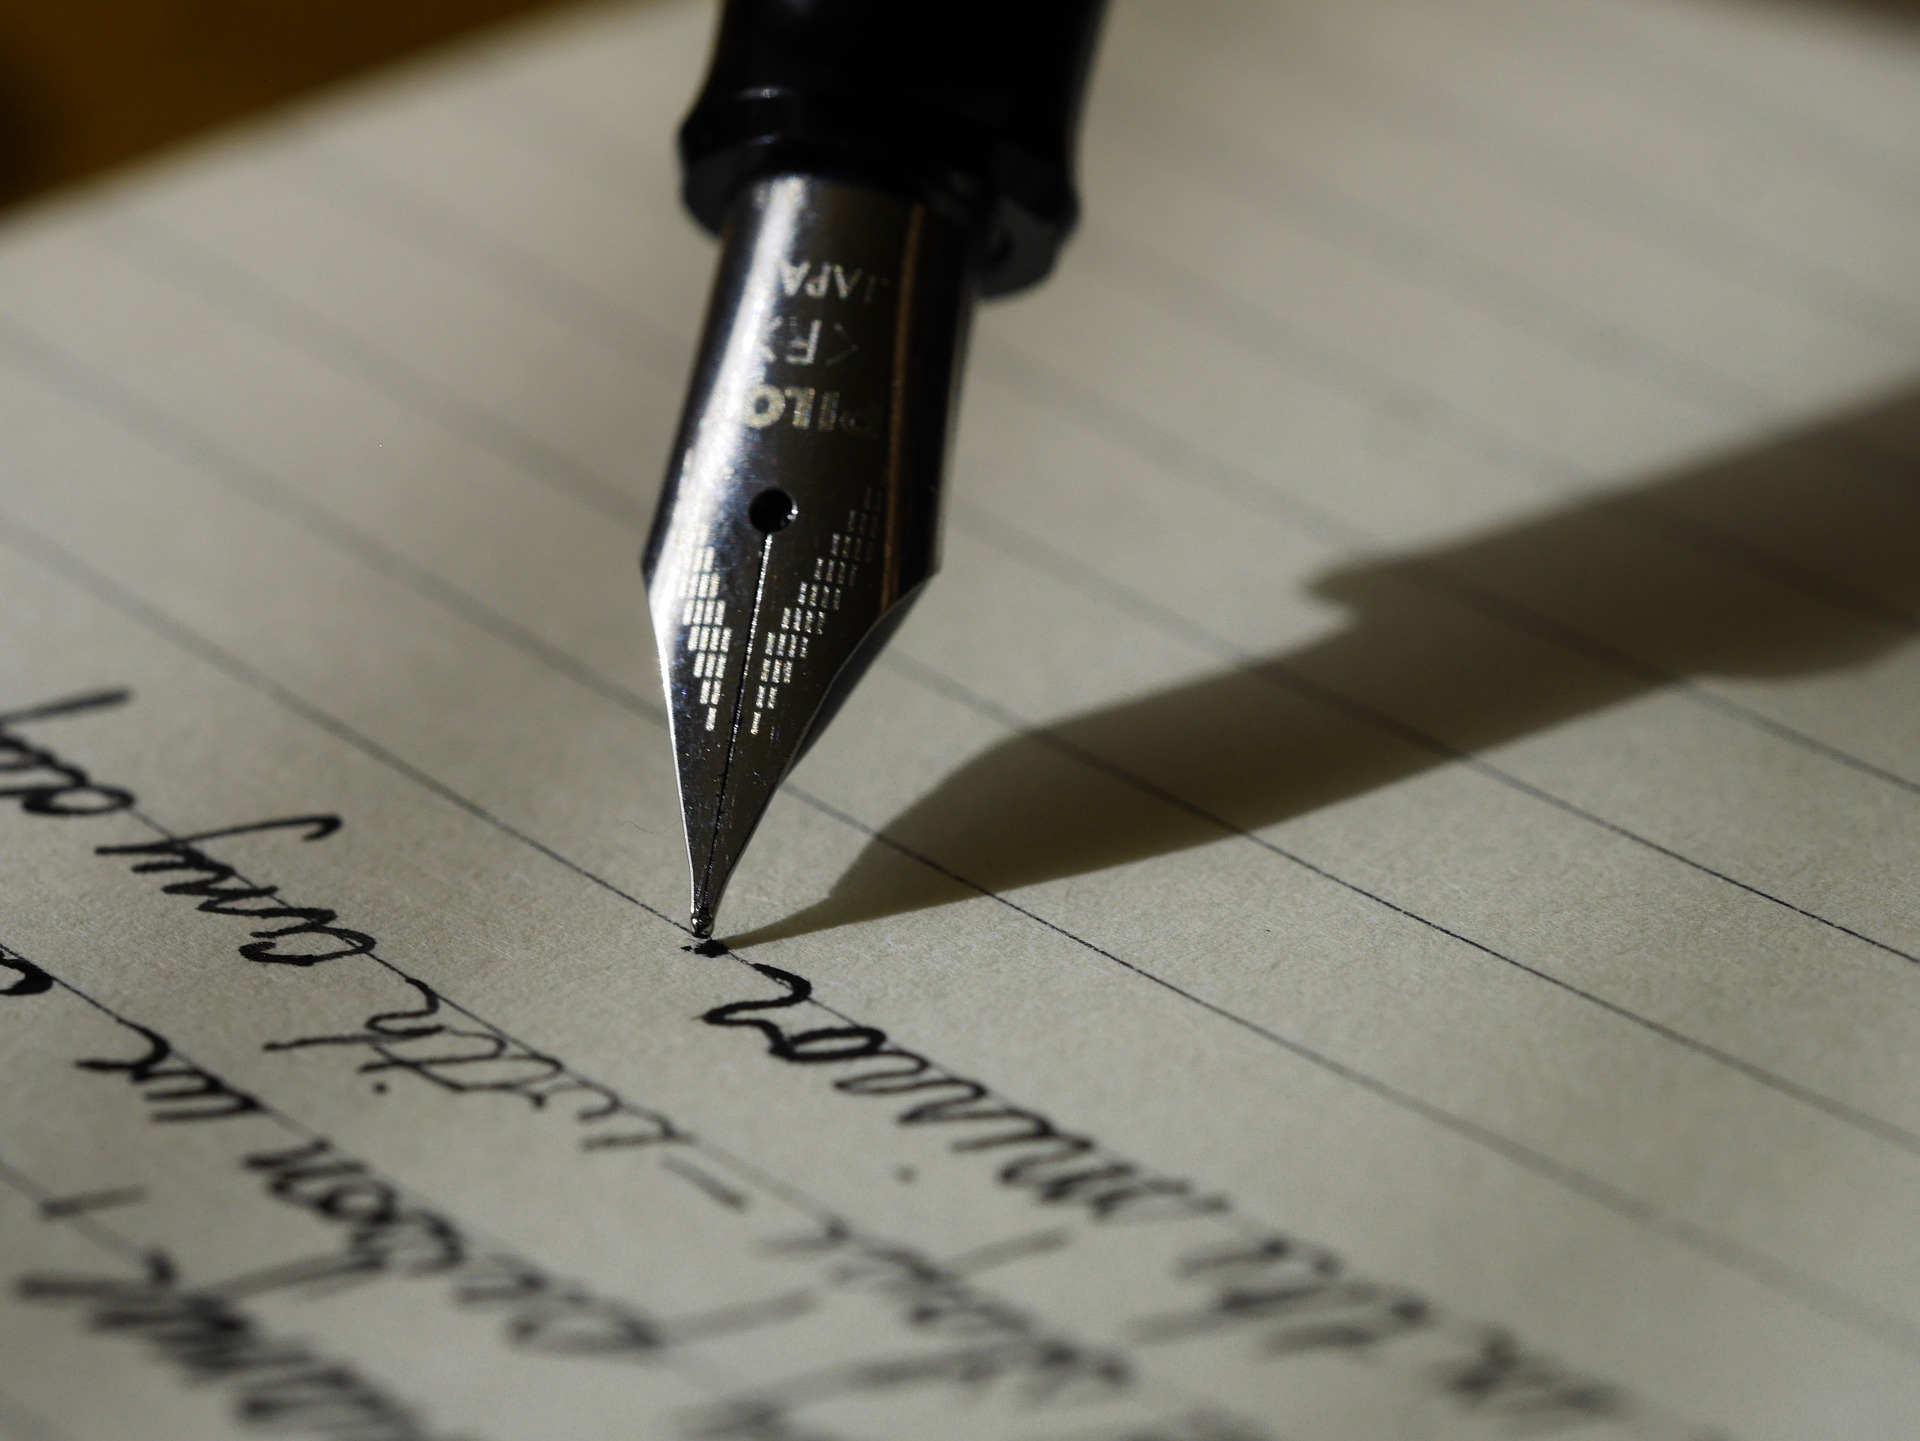 Examensvorbereitung produktiver gestalten mit einem Aufwand von 5 Minuten pro Tag